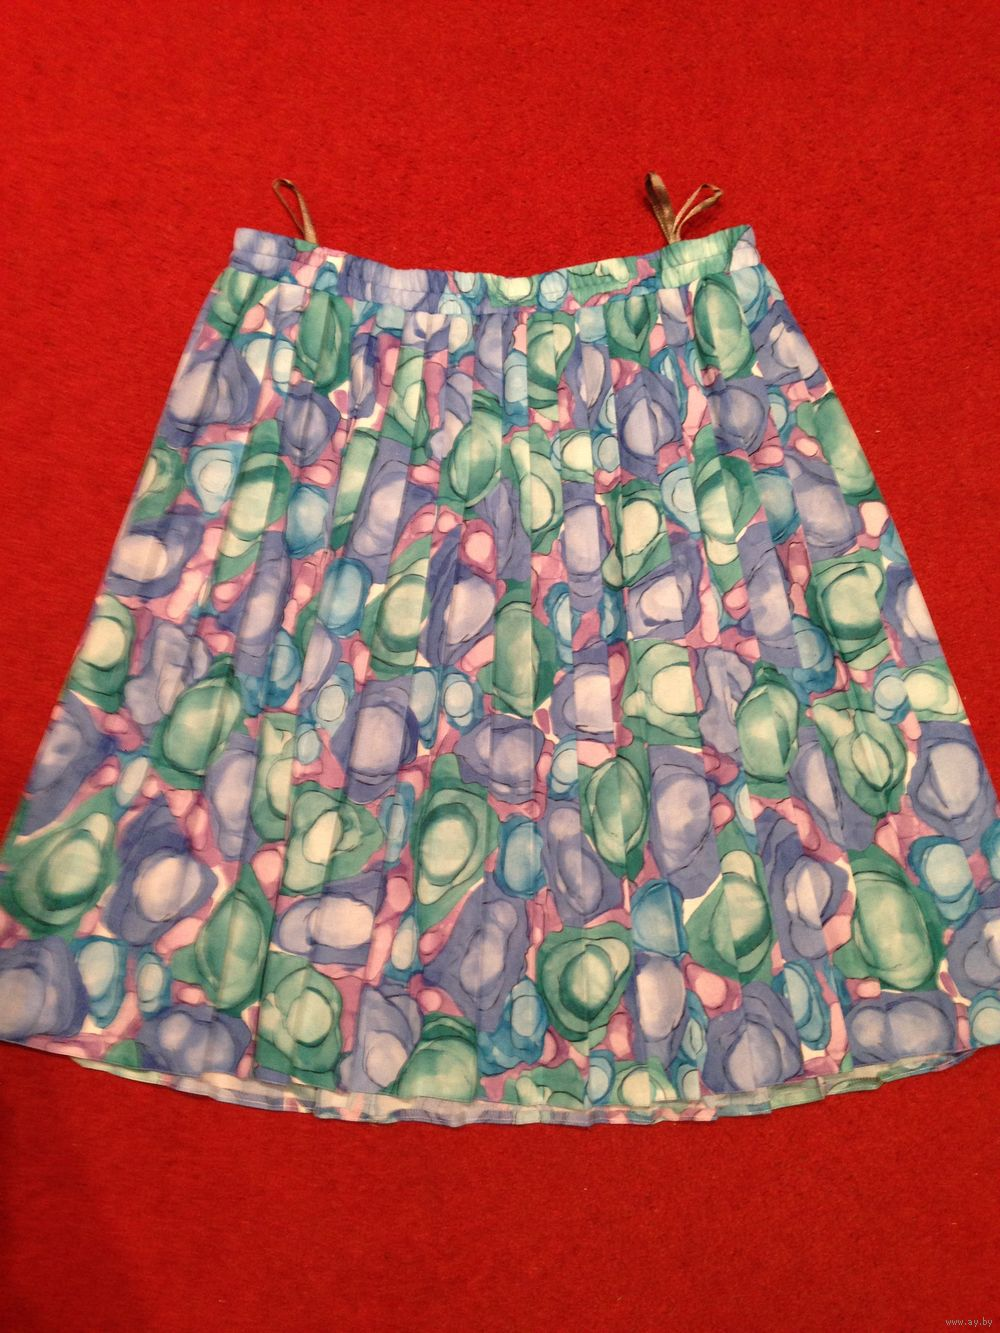 Купить юбку плиссе минск